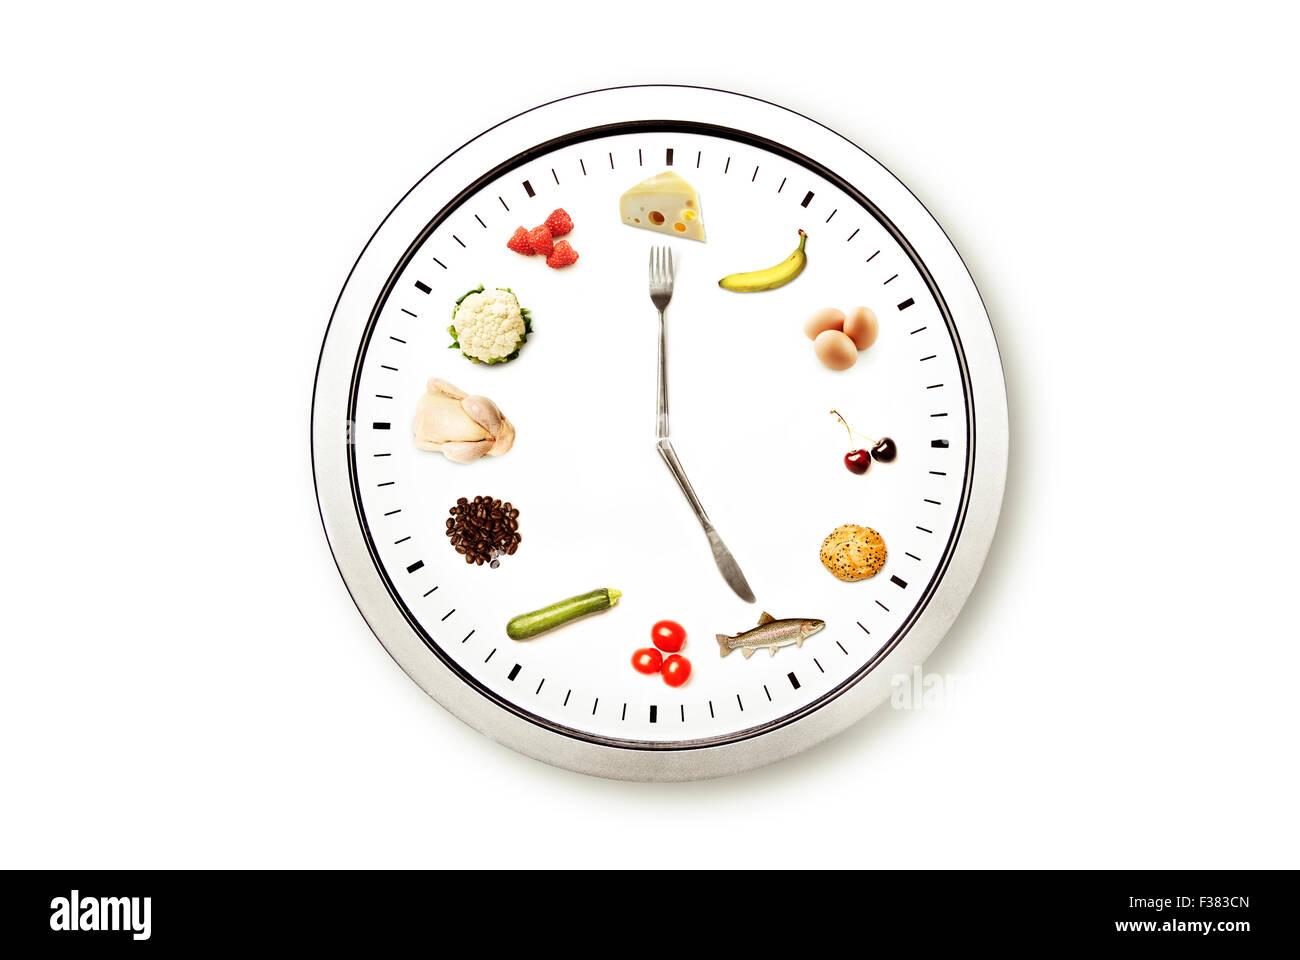 Tempo per il cibo, immagine concettuale per la dieta e la nutrizione Immagini Stock